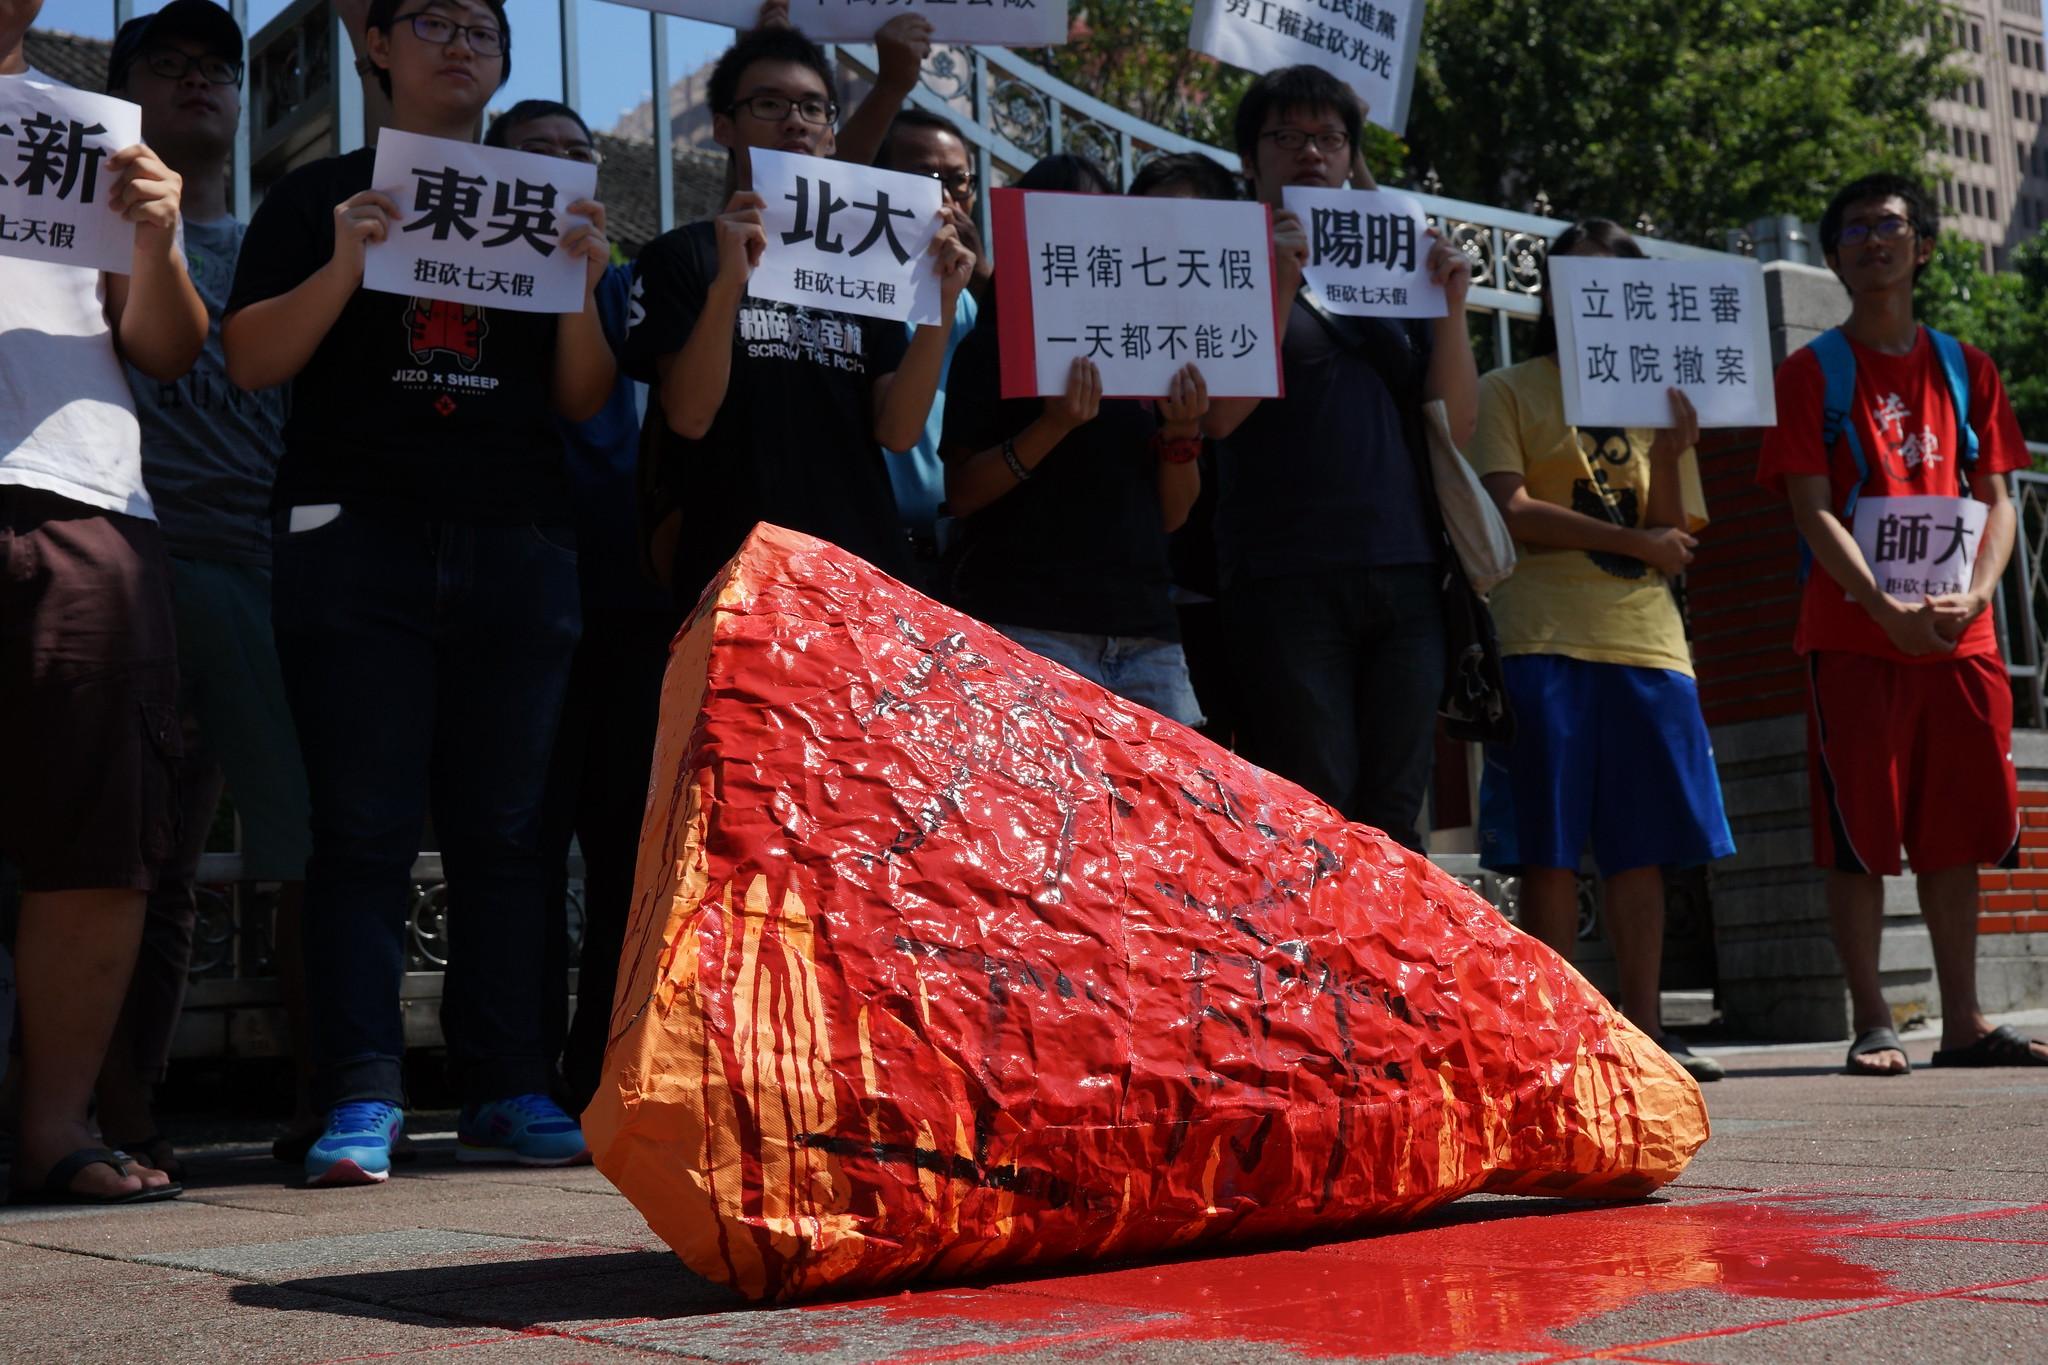 """各校学生打工族串连赴立院,送上淋有鲜血的""""劳工之肝"""",反对砍七天假。(摄影:王颢中)"""